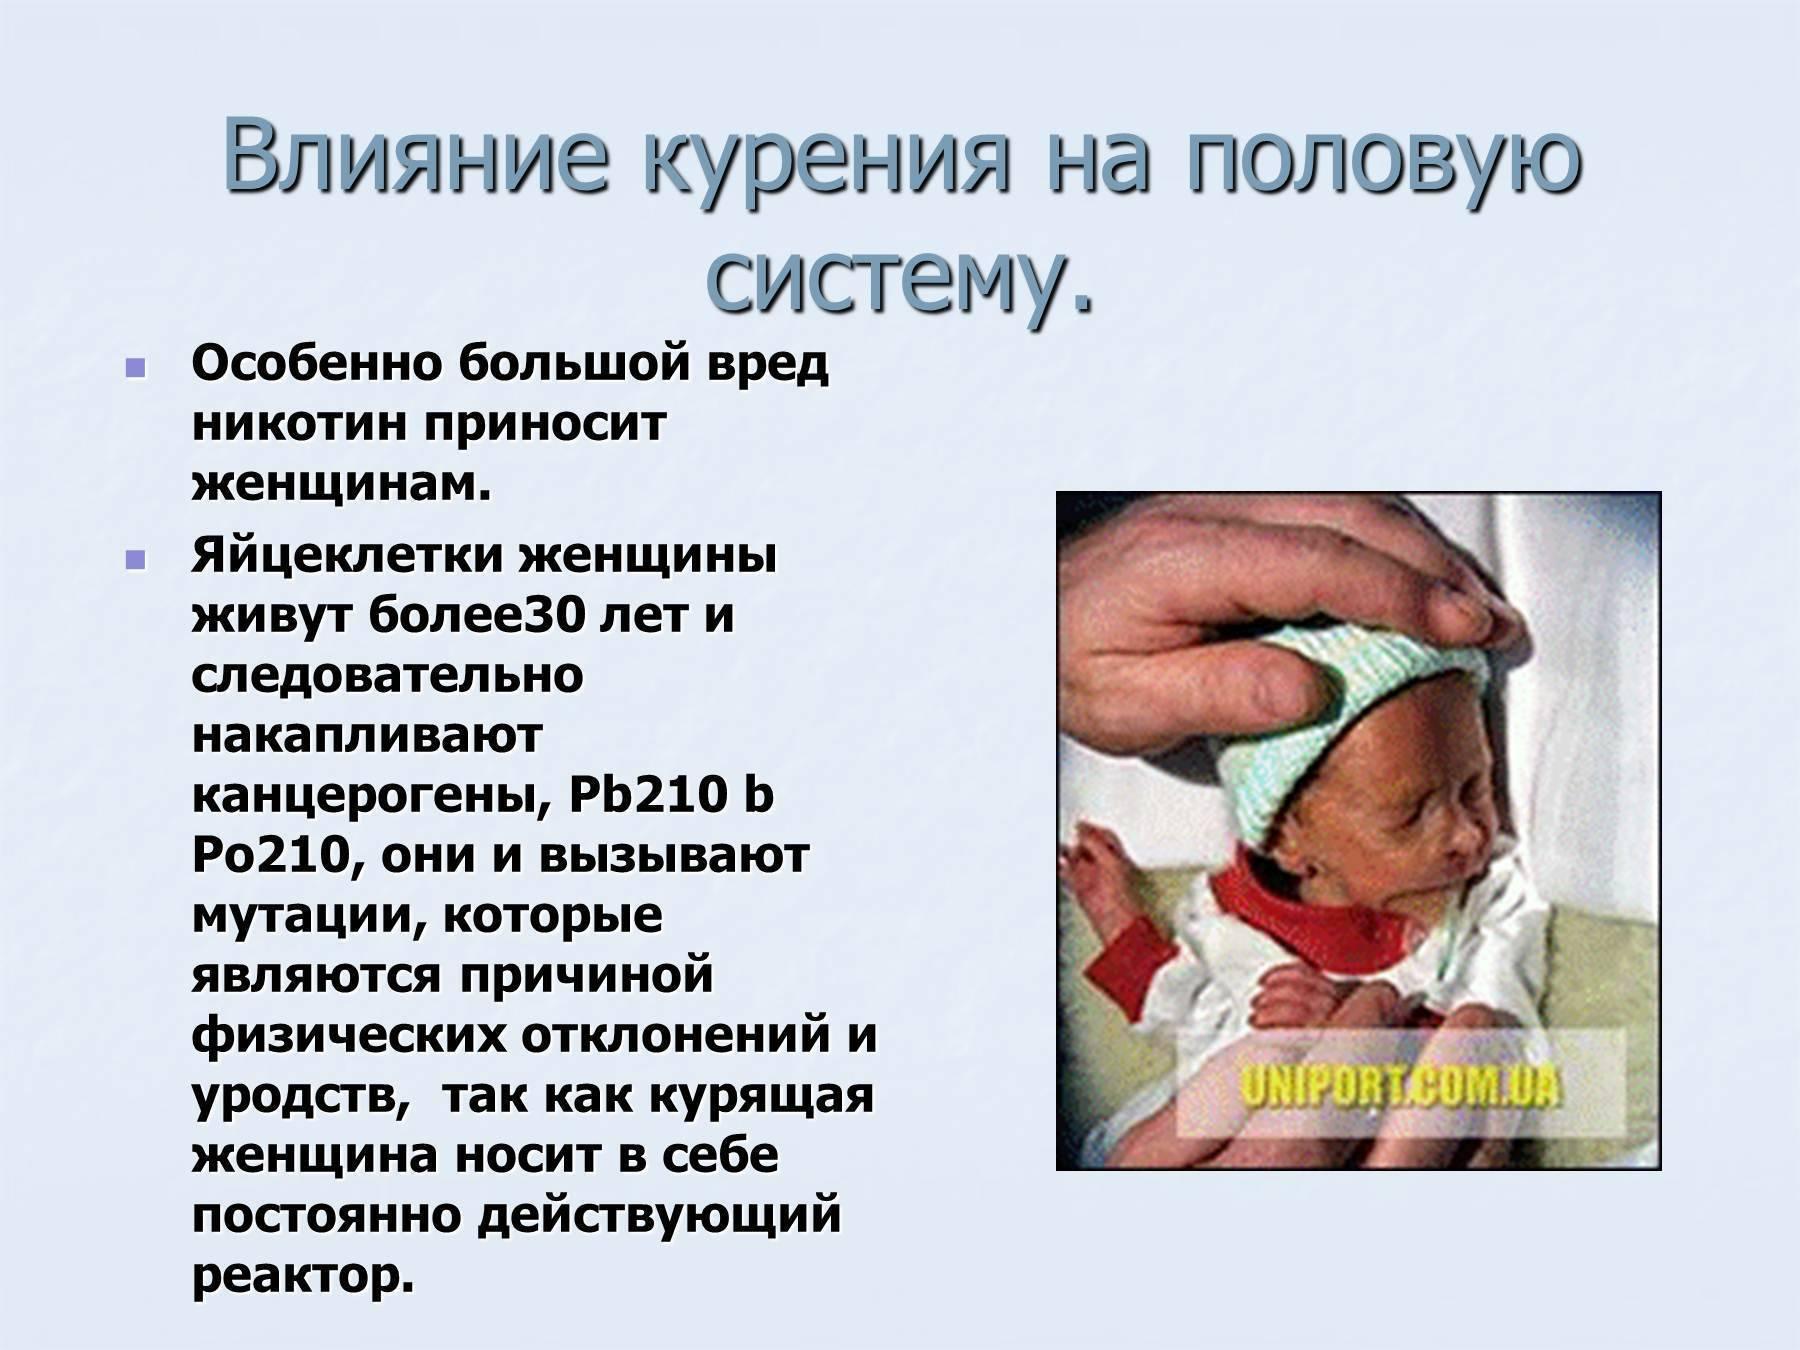 Как алкоголь и курение влияет на сперму: механизм воздействия | vrednuga.ru